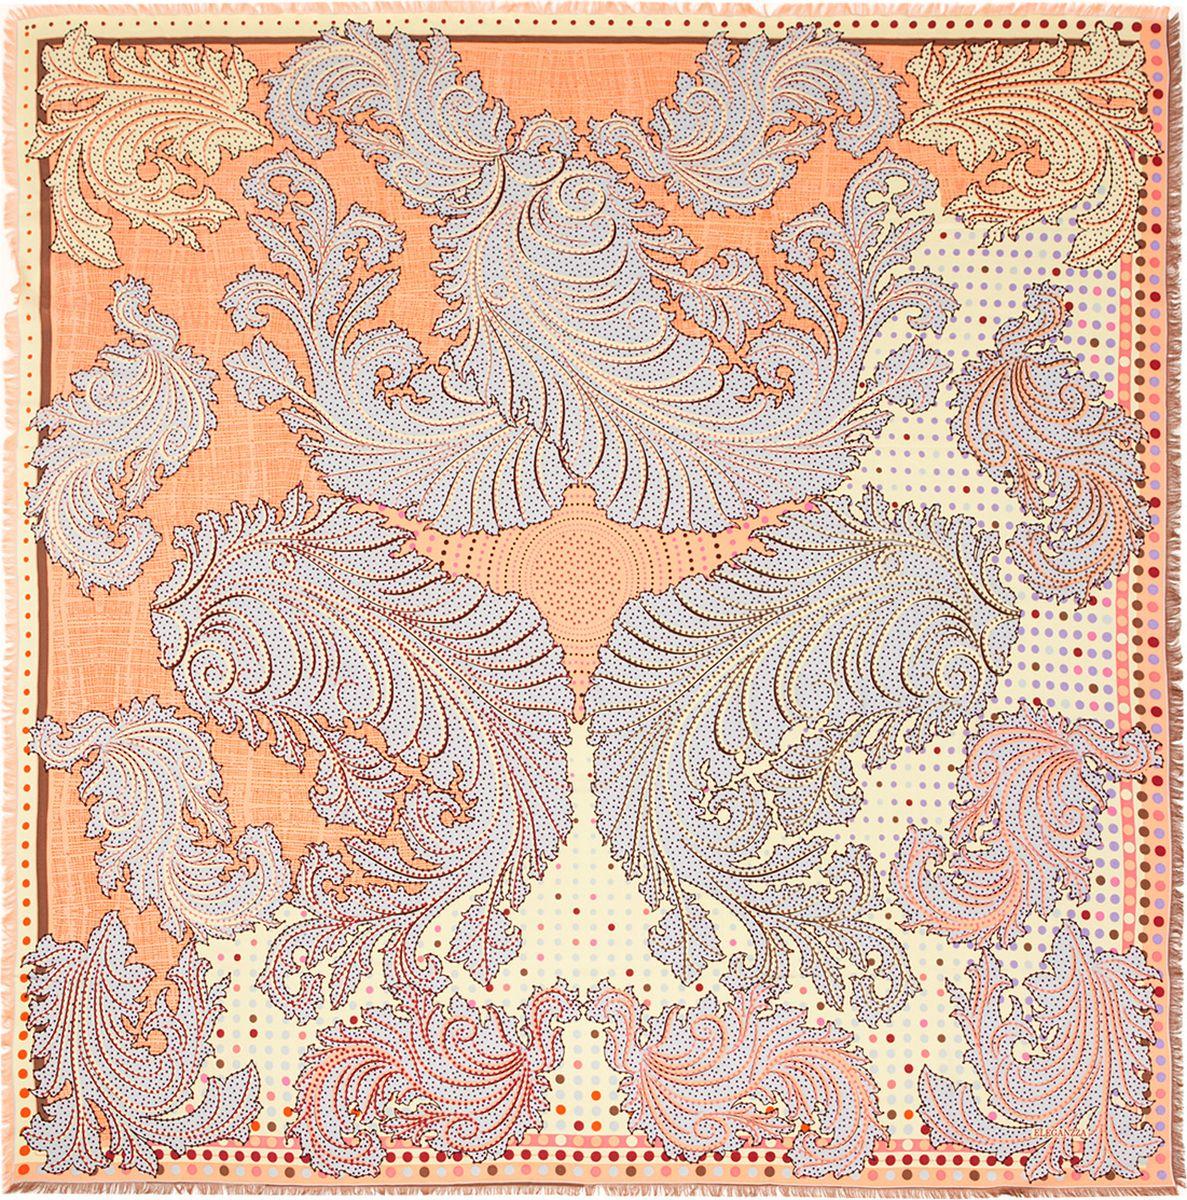 Платок женский Eleganzza, цвет: оранжевый. D34-1203. Размер 110 см х 110 смD34-1203Платок Eleganzza, выполненный из вискозы и шелка, идеально дополнит образ современной женщины. Модель оформлена принтом с узорами. Классическая квадратная форма позволяет носить платок на шее, украшать им прическу или декорировать сумочку. С таким замечательным аксессуаром вы всегда будете выглядеть женственно и привлекательно.